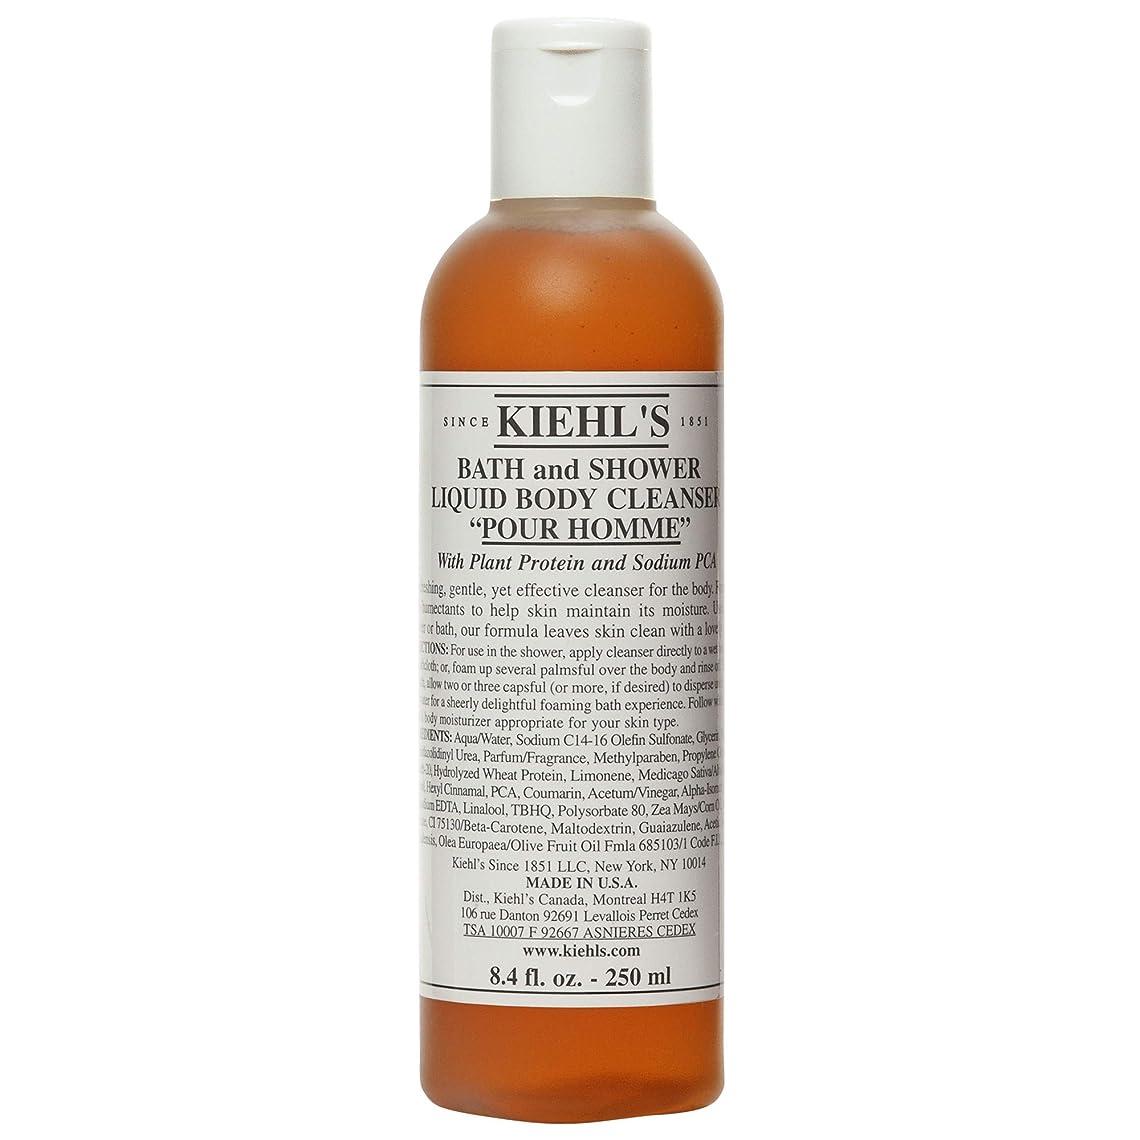 ハグフルーツ野菜膿瘍[Kiehl's ] キールさんはオムバスを注ぎ、液体ボディクレンザー250ミリリットルシャワー - Kiehl's Pour Homme Bath and Shower Liquid Body Cleanser 250ml [並行輸入品]